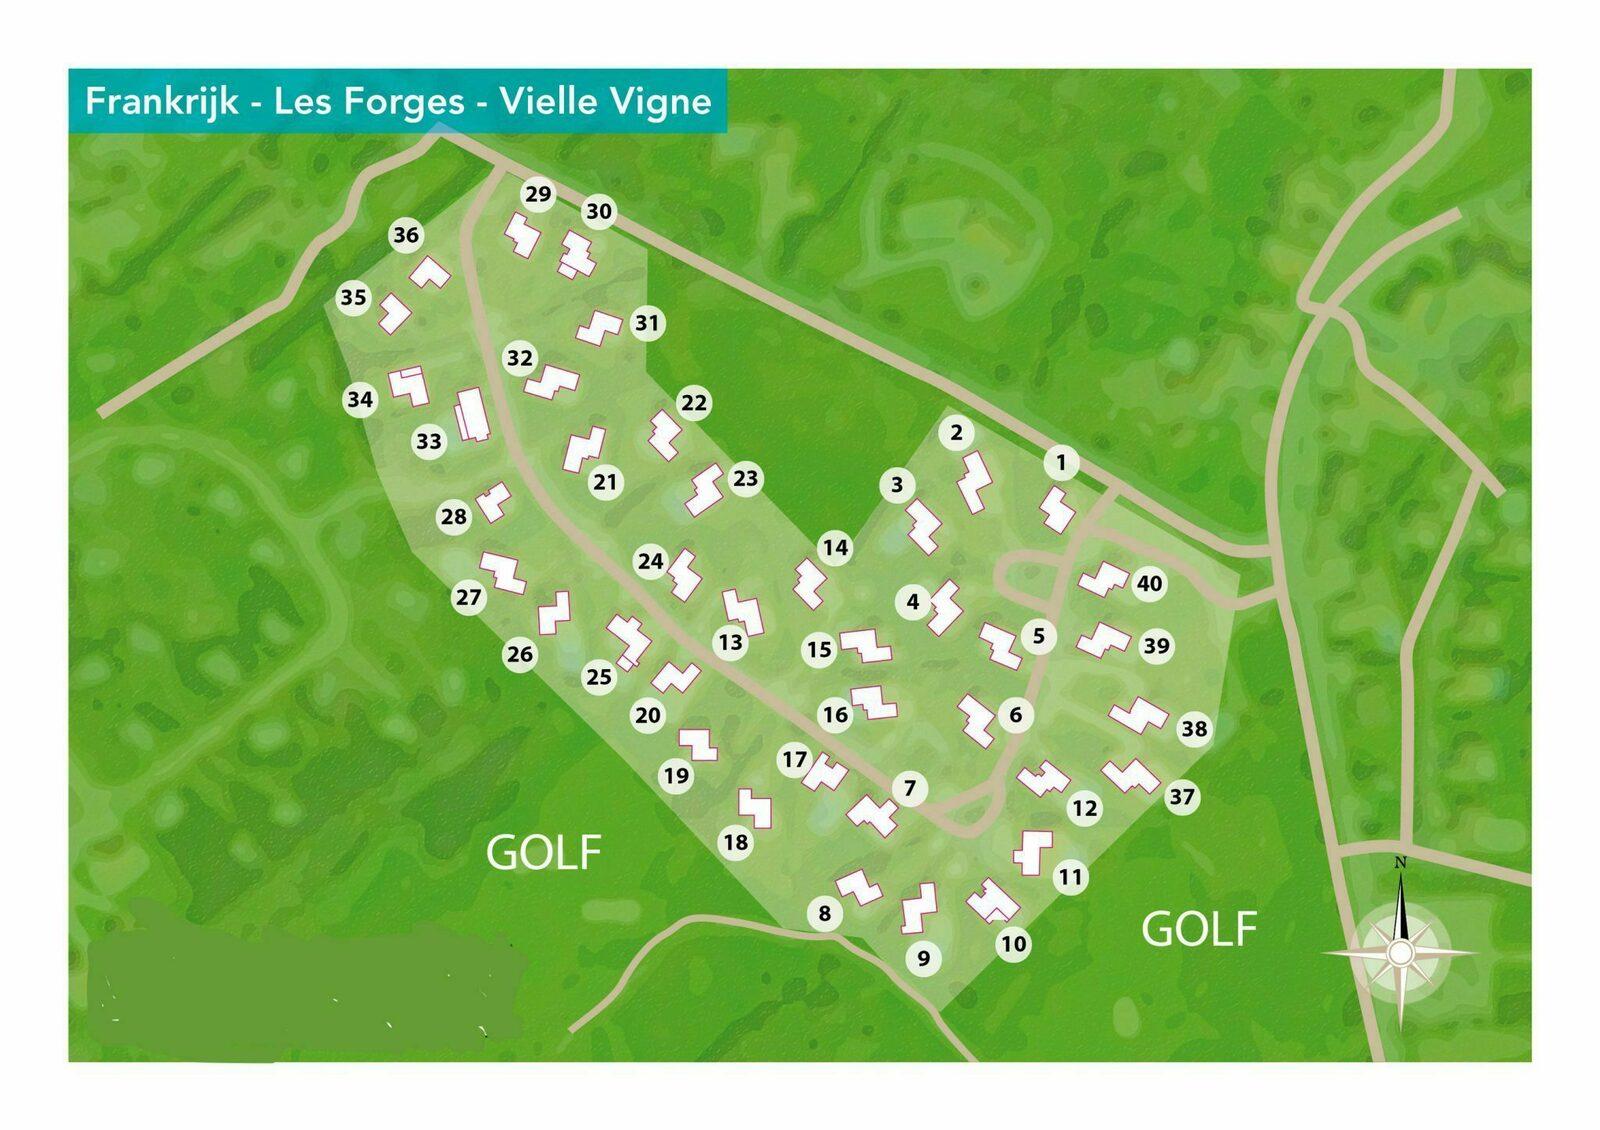 4-kamer villa | 6 personen Vieille Vigne